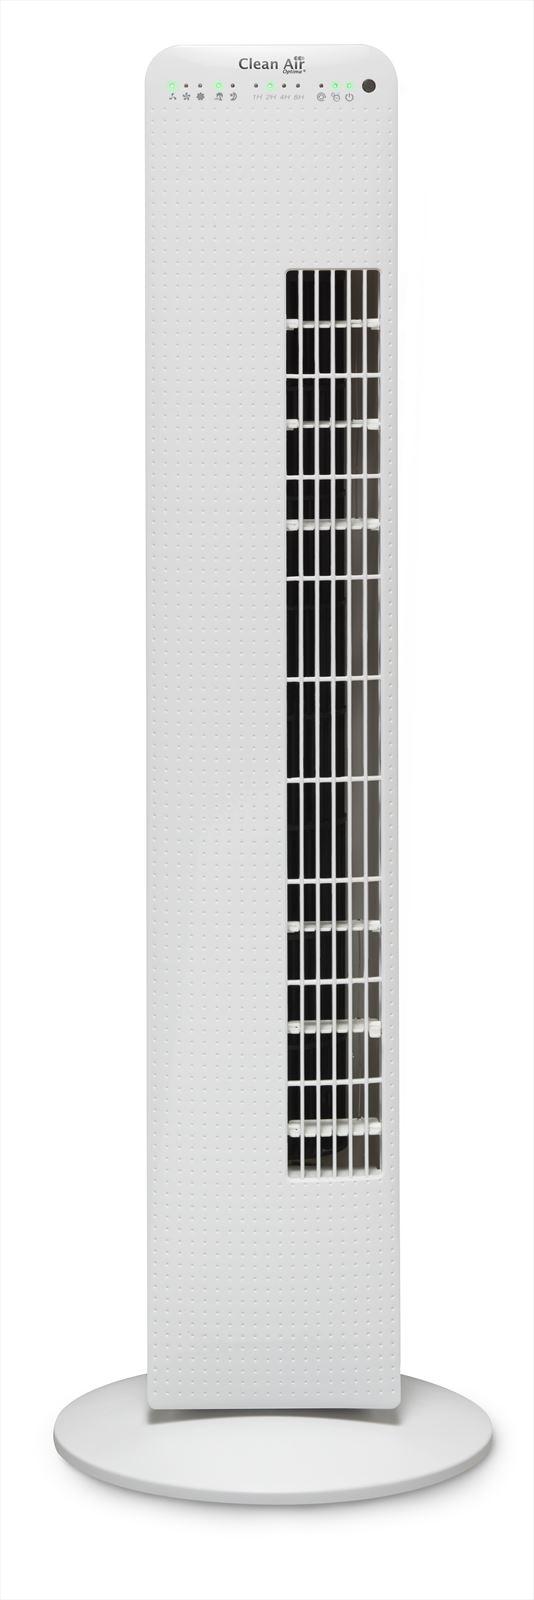 Luxe Colonne Ventilateur Avec Ioniseur CA 405 Idal Pour